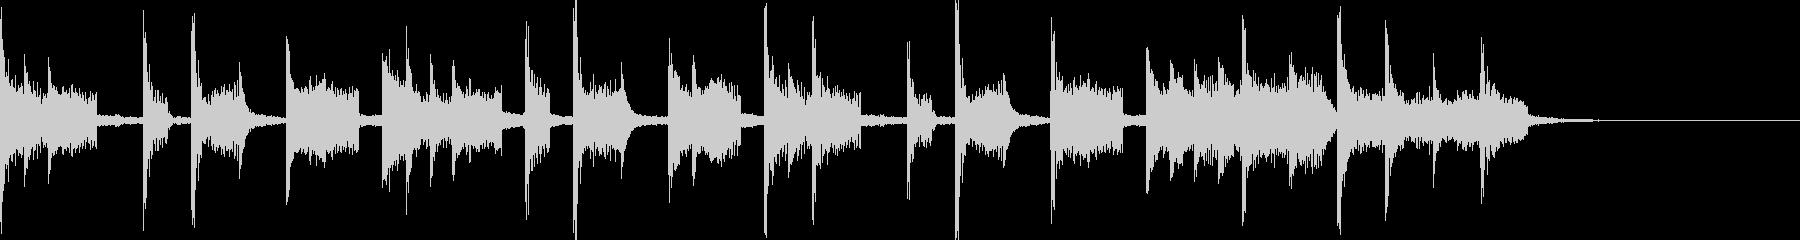 アンニュイな感じのシンキングタイムな音の未再生の波形